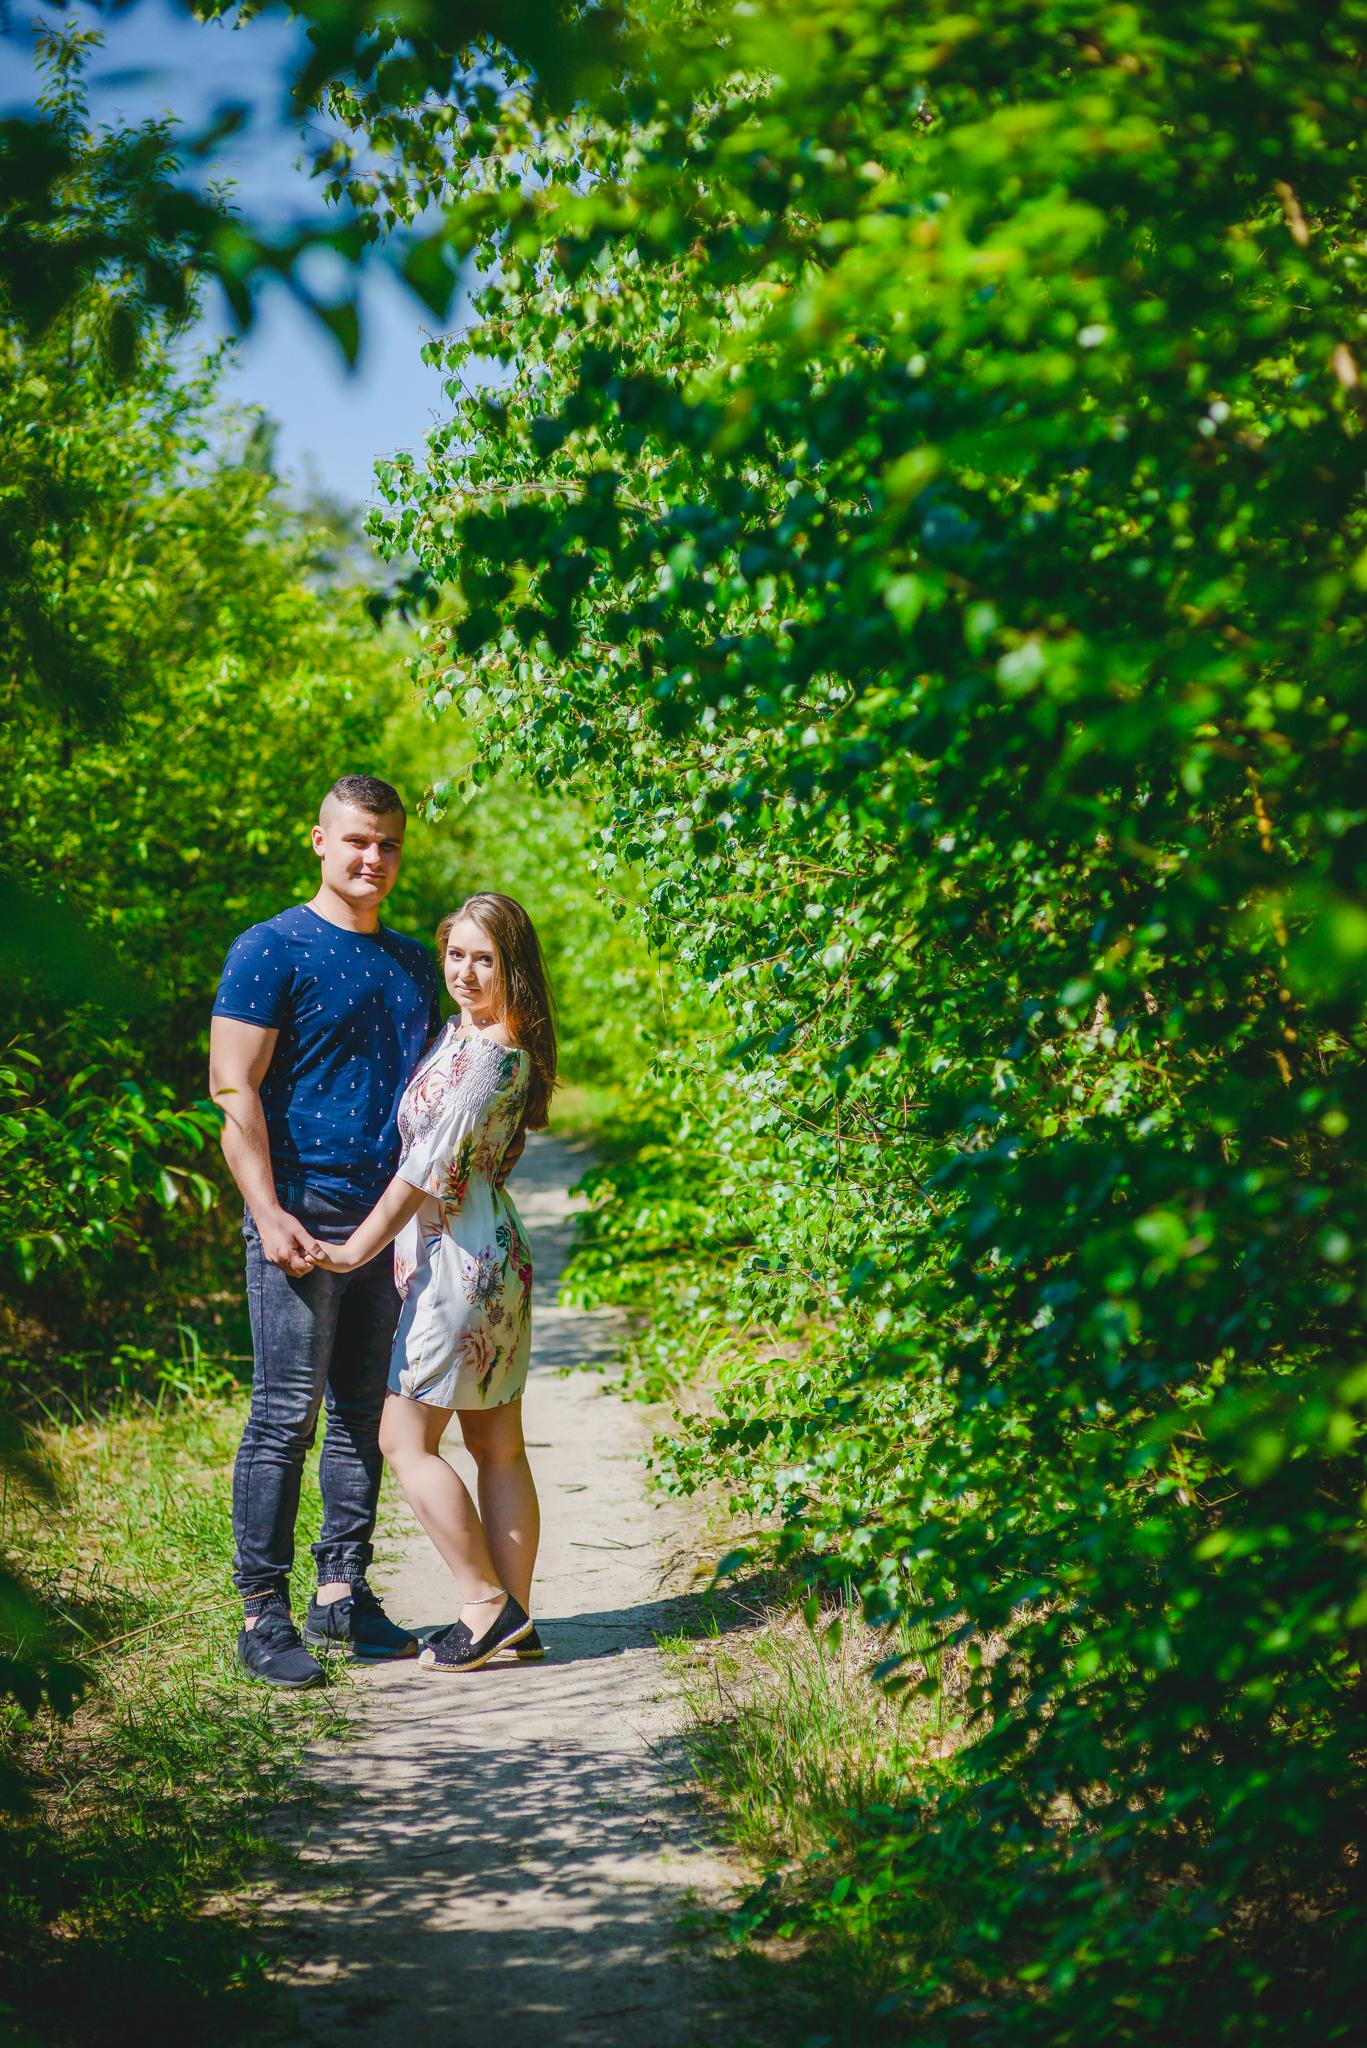 0011_Kasia&Kamil________sesja_narzeczenska_piaski_las_wiosna_____________fotografia_slubna_www_amfoto_pl_DSC_6075.jpg